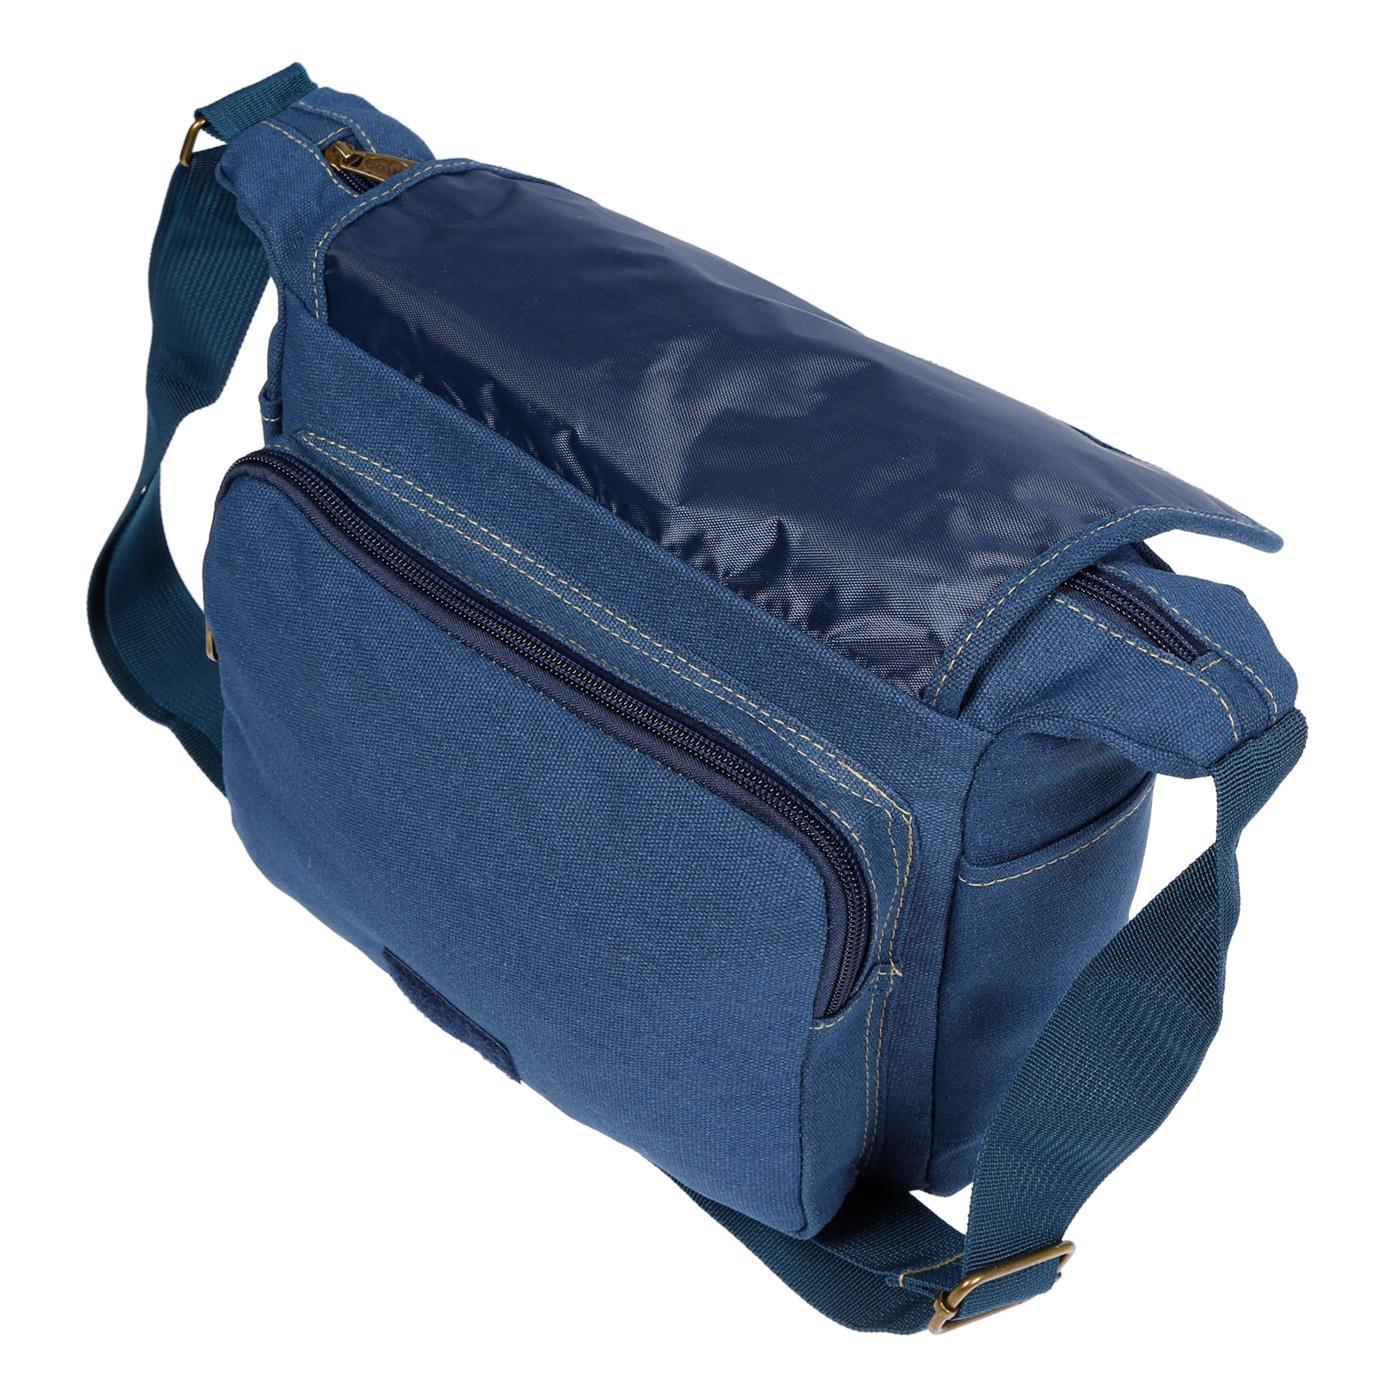 Damen-Tasche-Canvas-Umhaengetasche-Schultertasche-Crossover-Bag-Damenhandtasche Indexbild 23